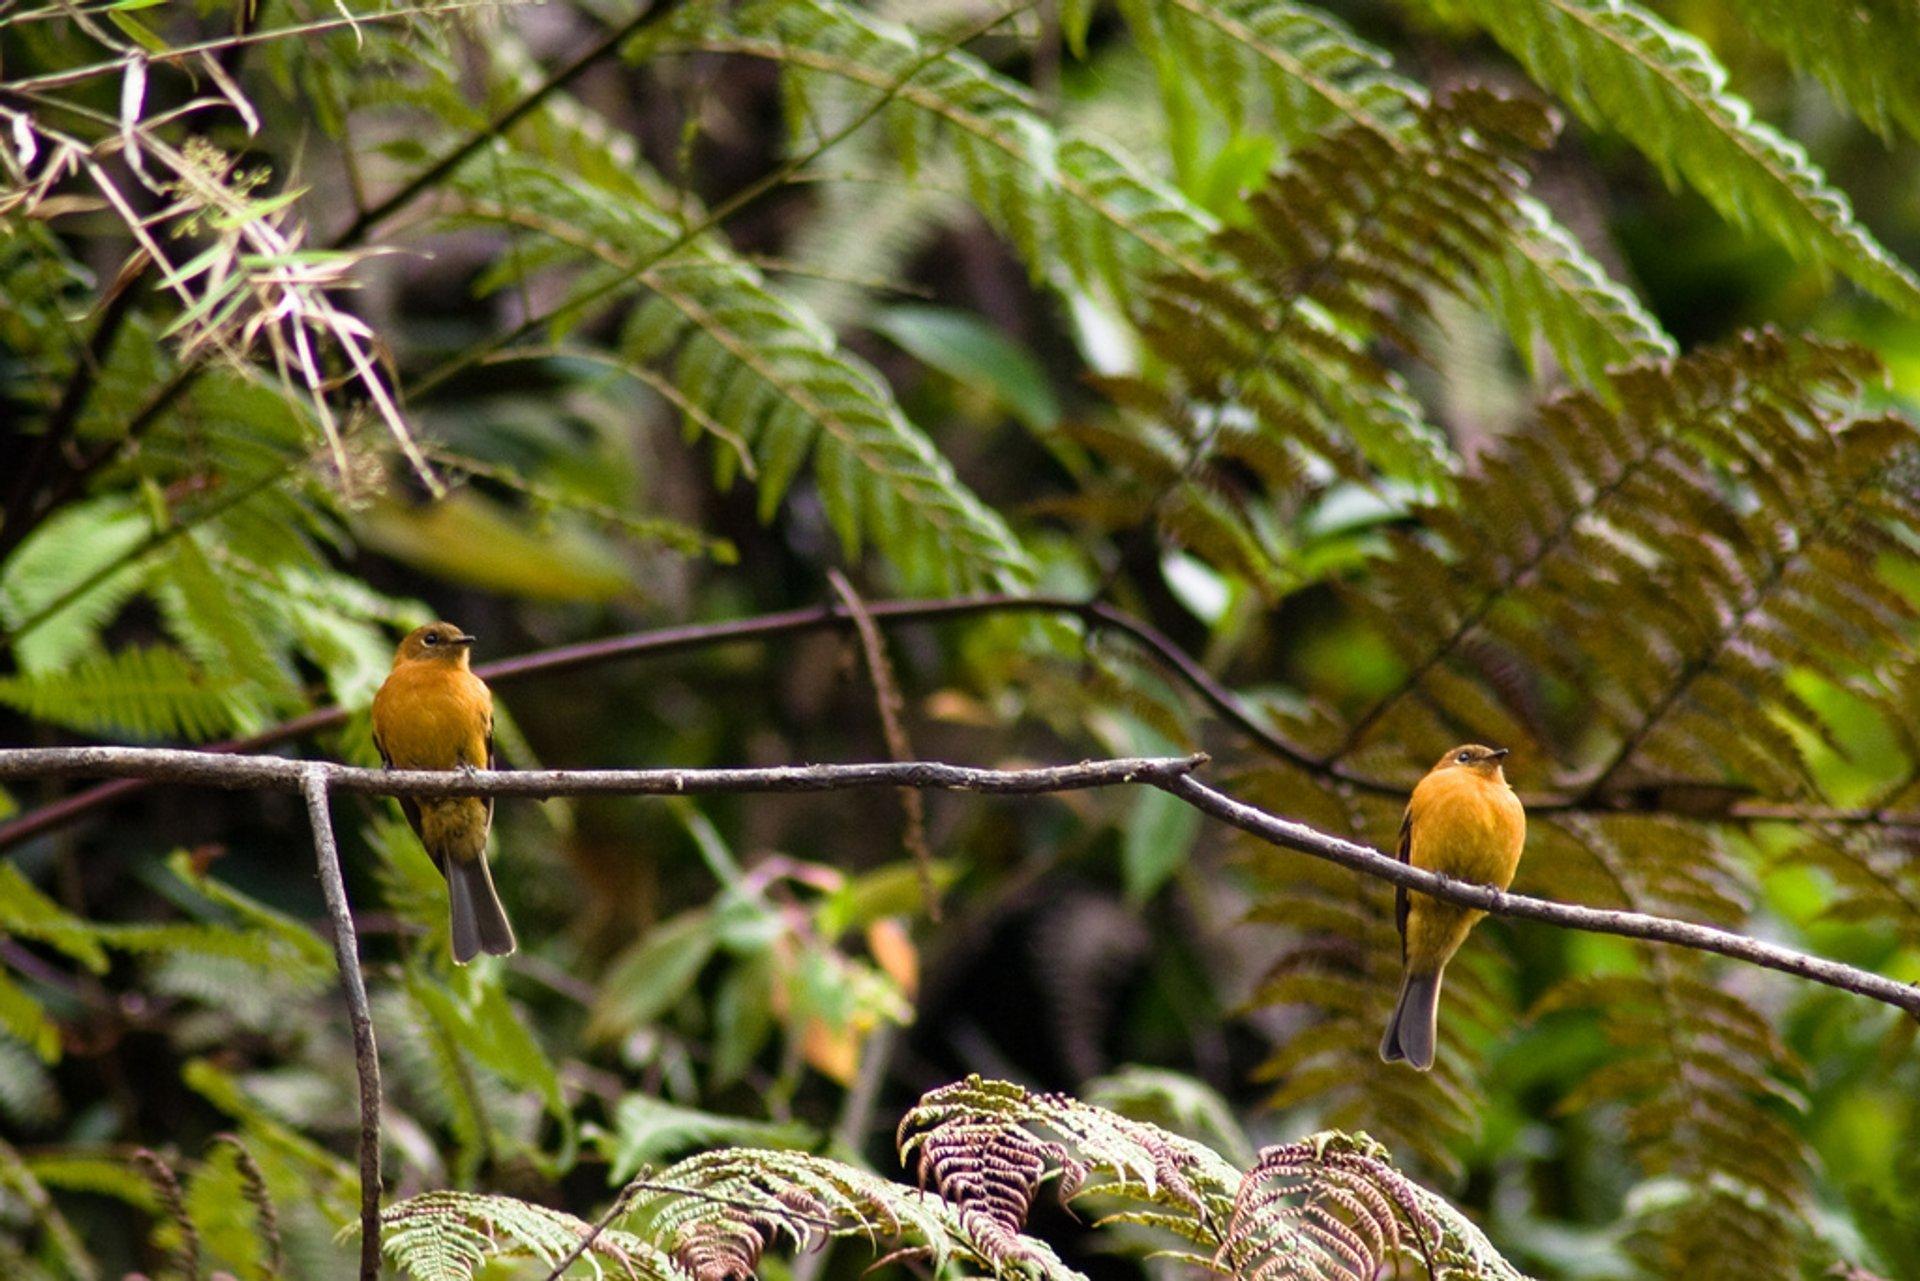 Atrapamoscas, Bosque Nublado near Pilcopata, Peru 2020